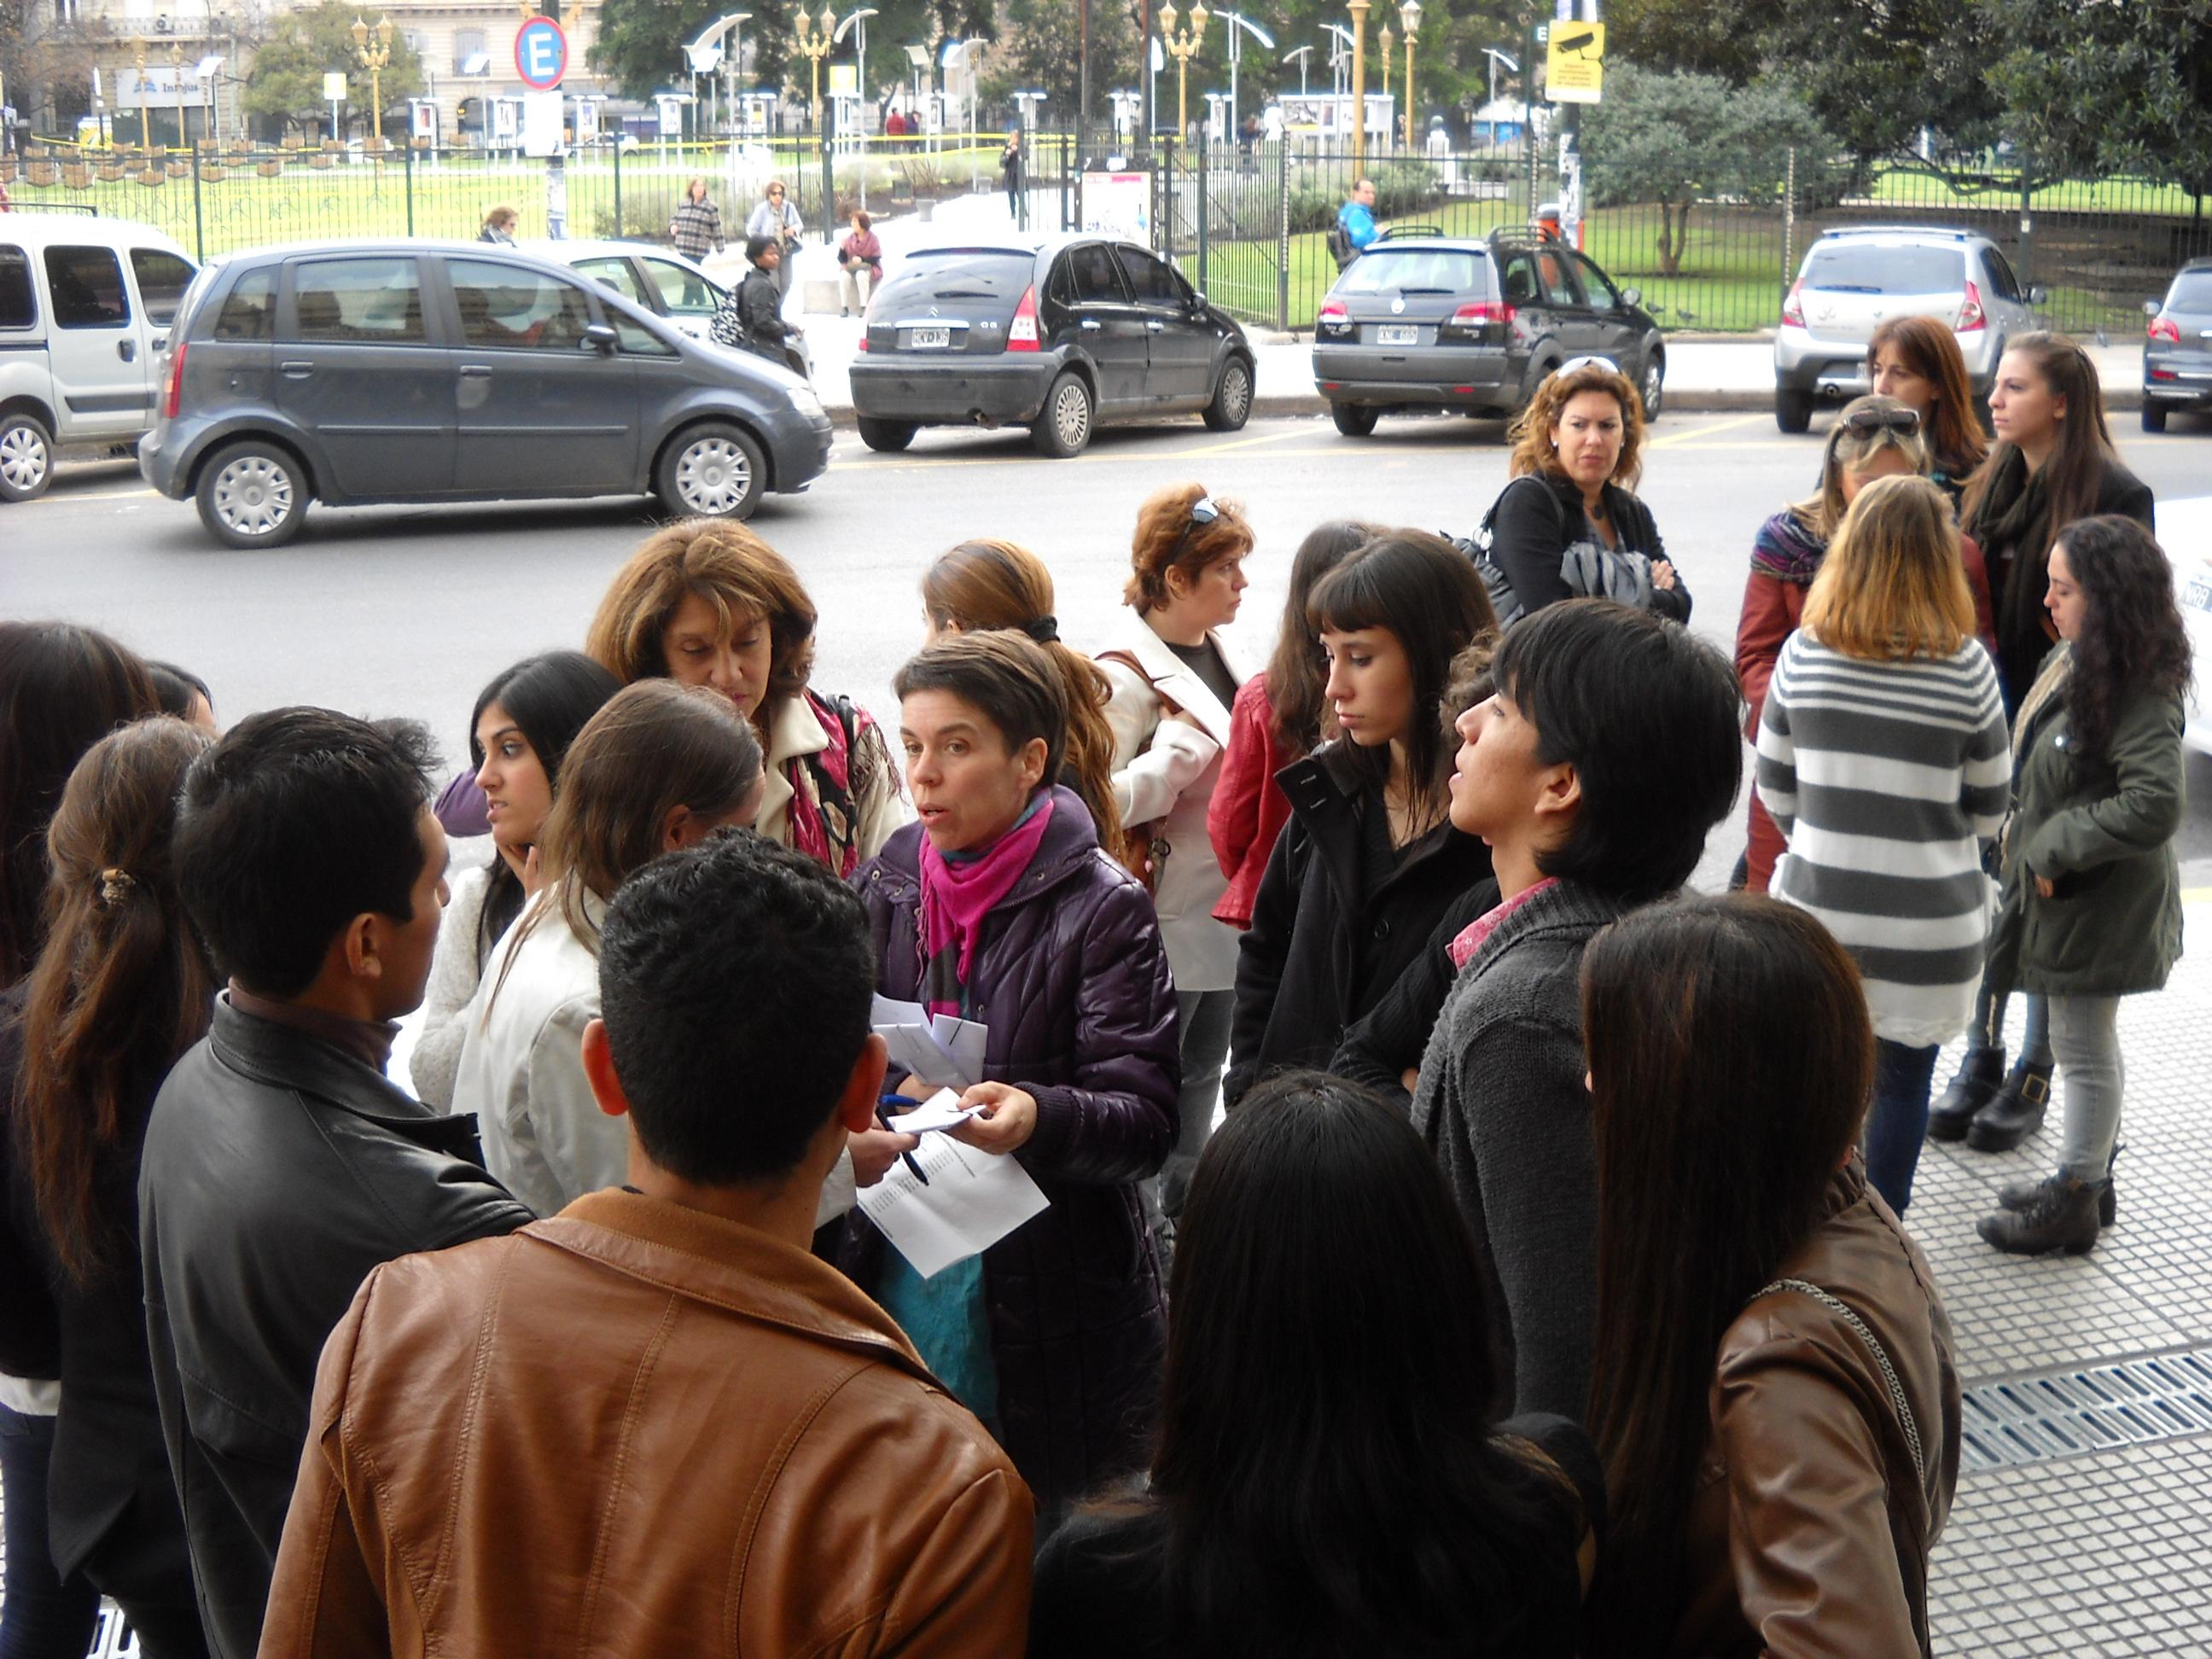 Organizando la entrada: mucha juventud entre las plateas. Foto: Laura Chertkoff.